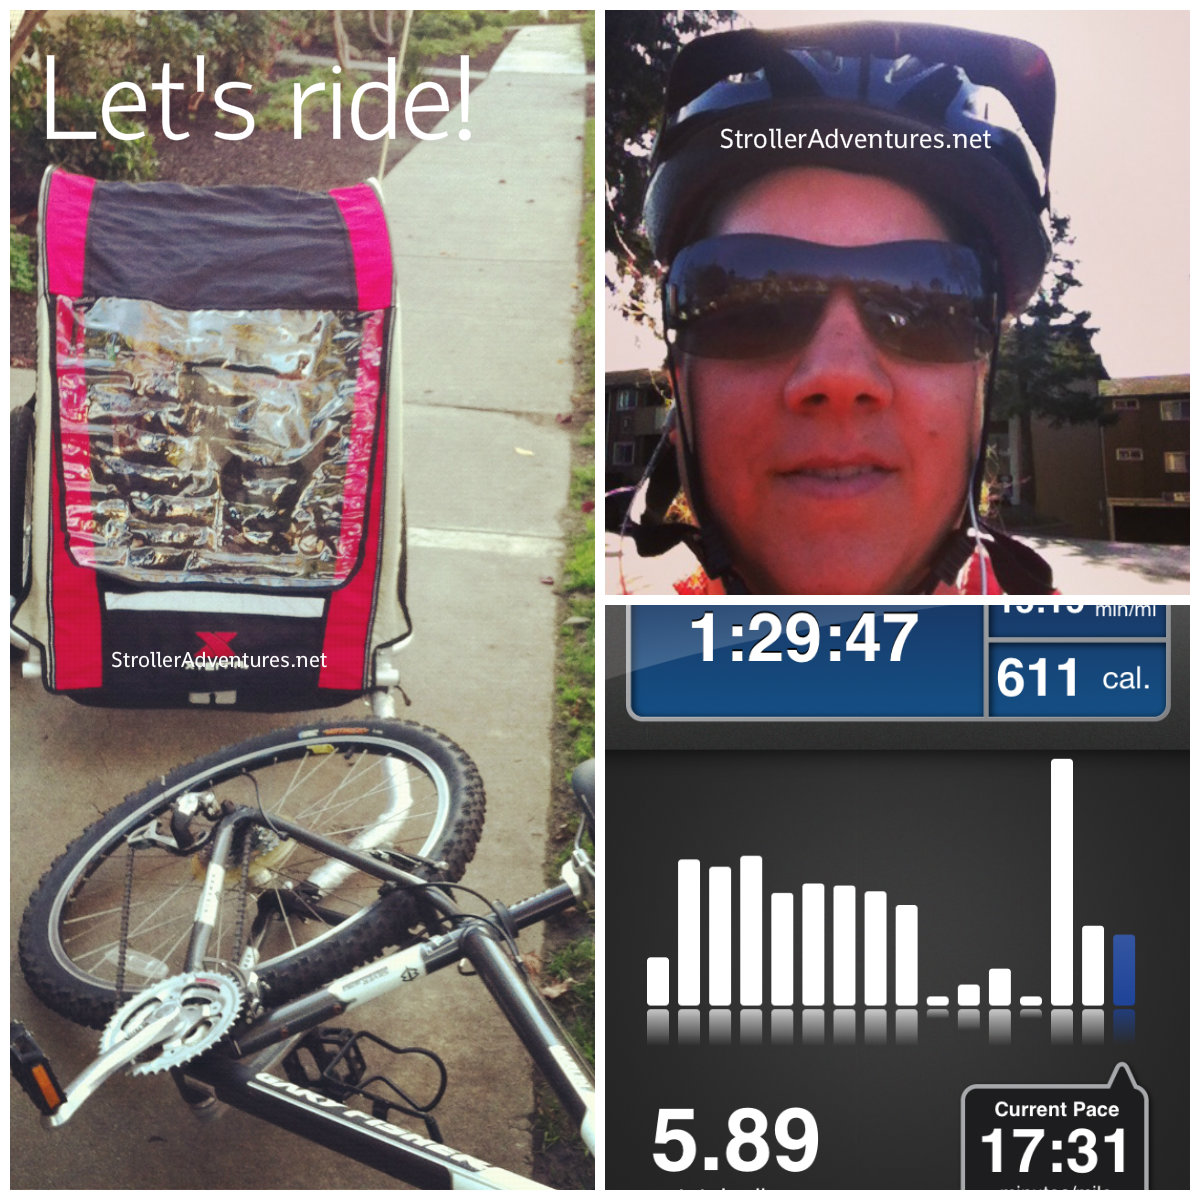 http://3.bp.blogspot.com/-NtWn58WaIIA/UUtOFWtkeiI/AAAAAAAAFVo/Mr3uyBoIQ9E/s1600/bike.jpg